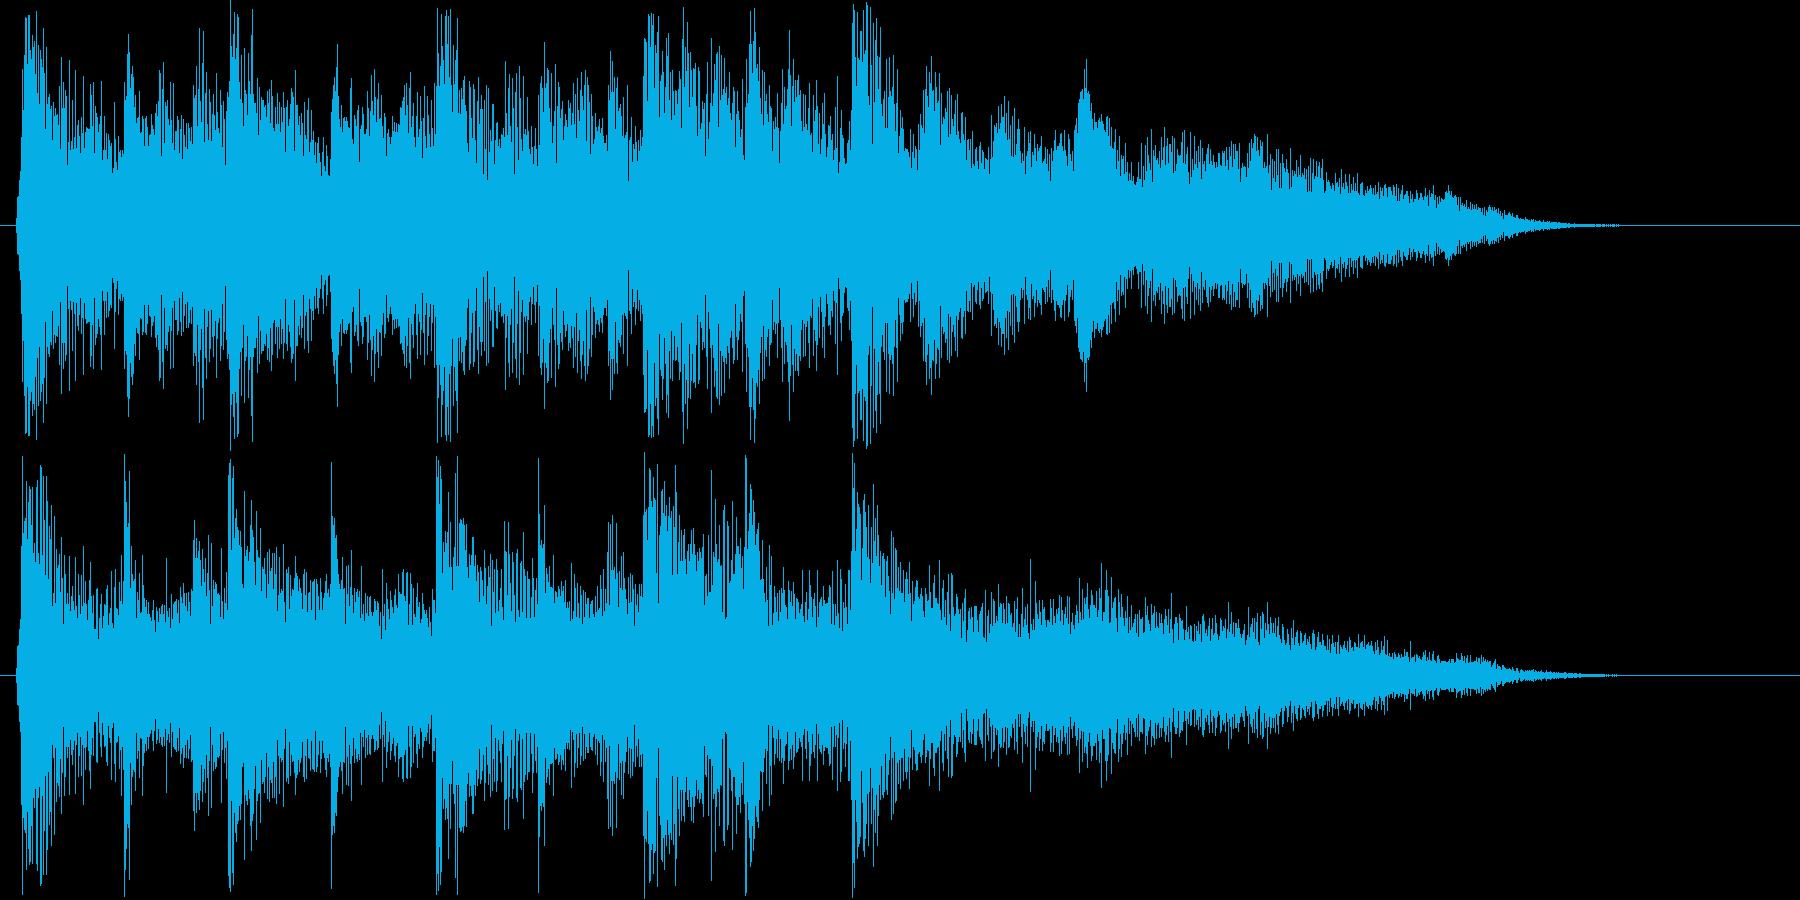 コミカルで可愛らしいテクノの再生済みの波形